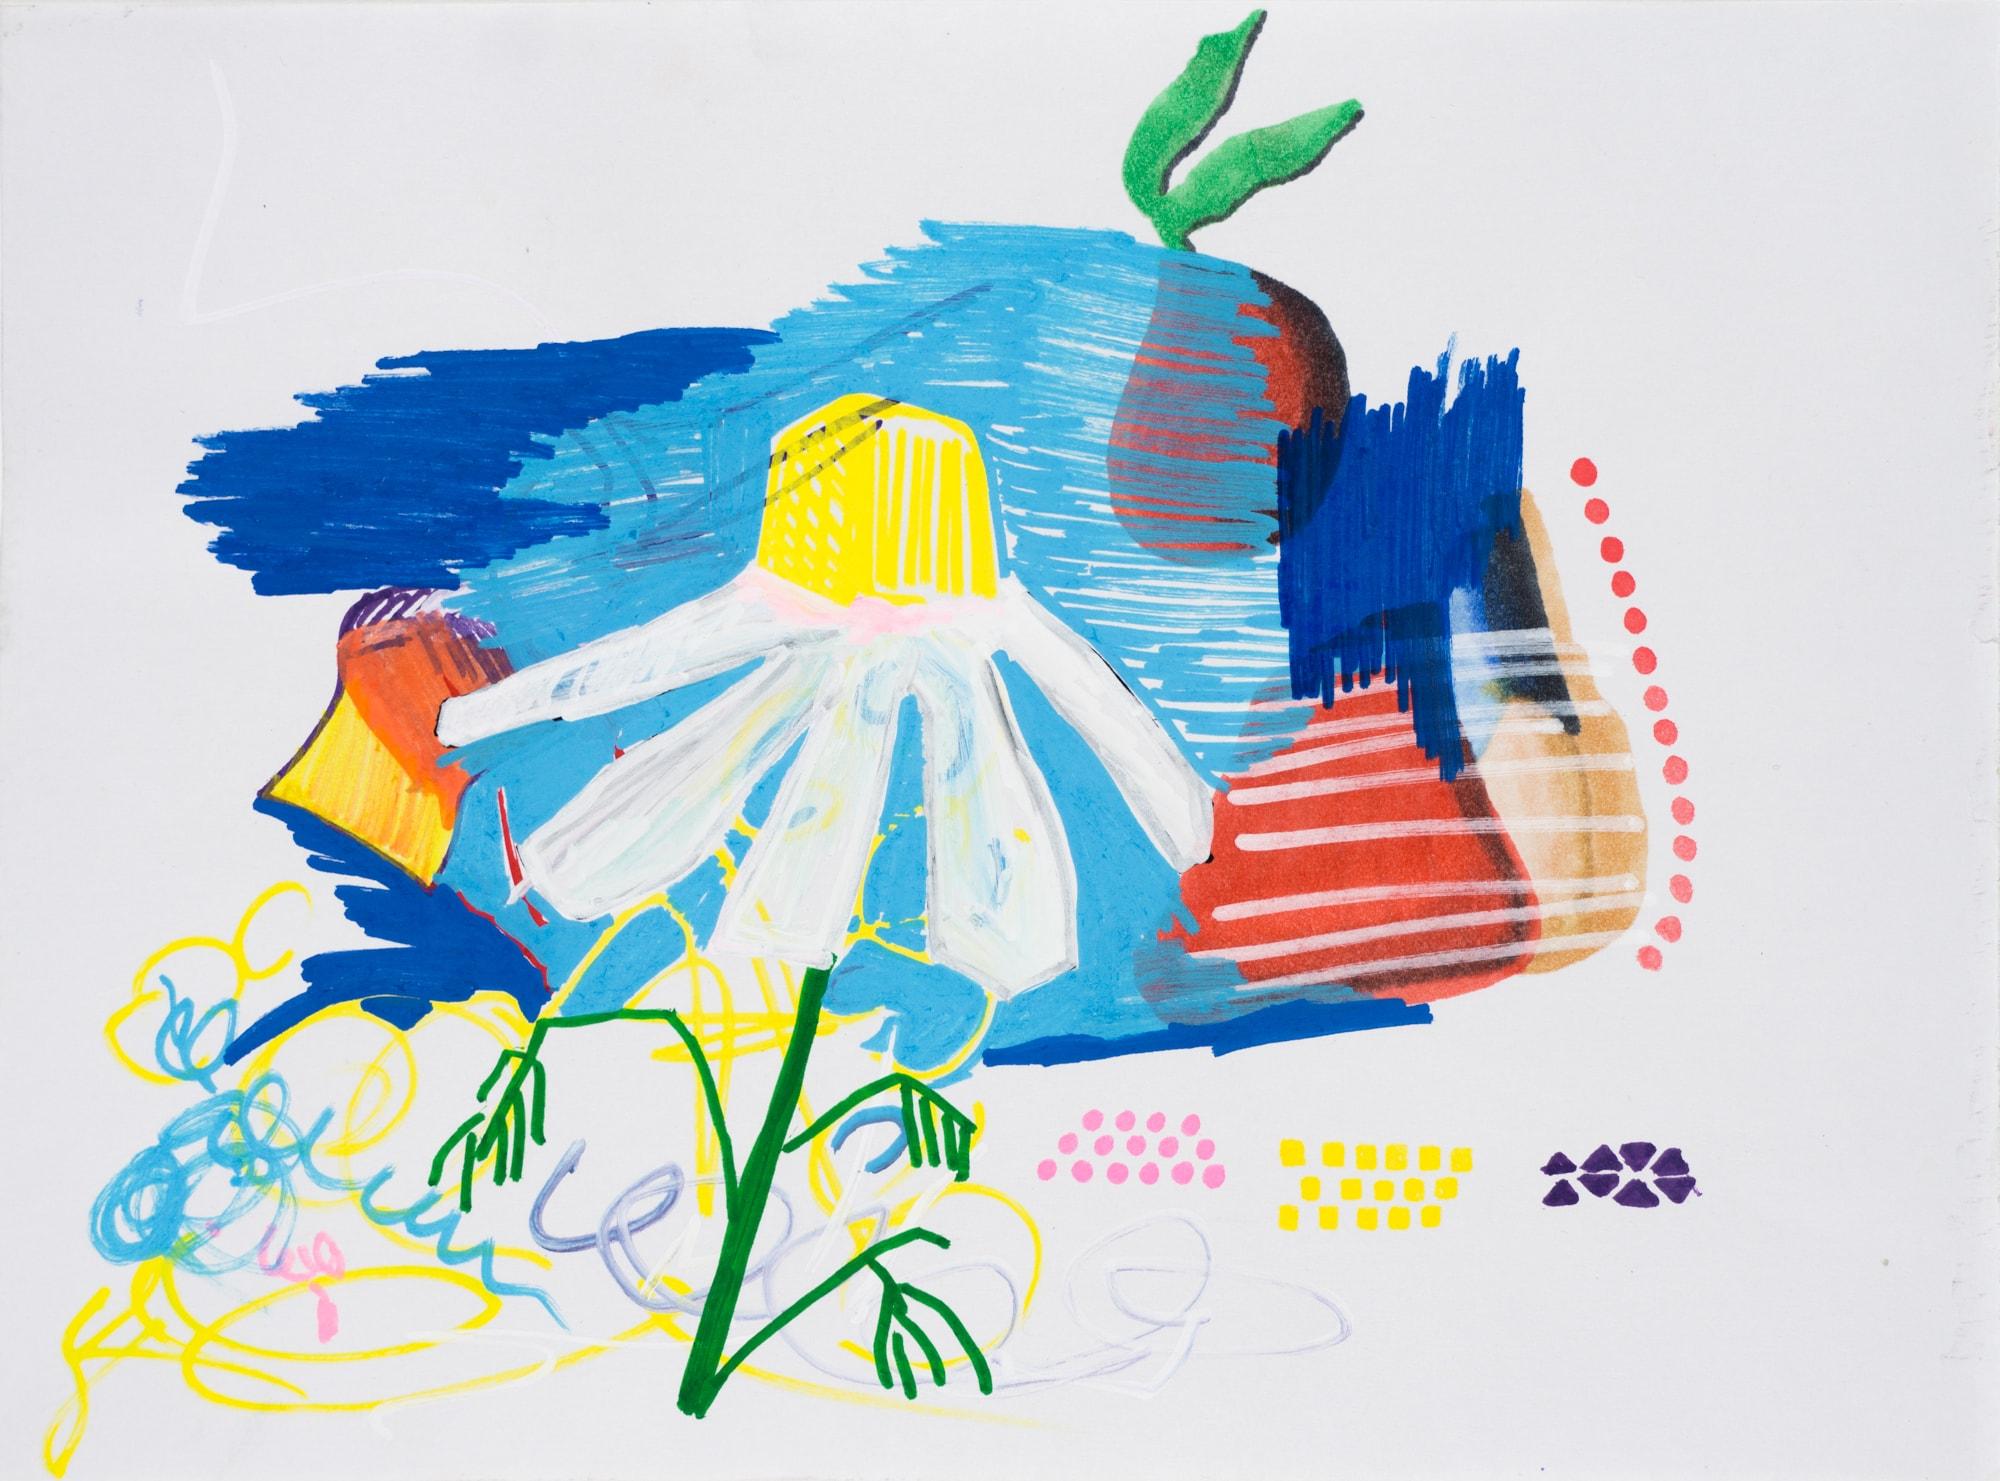 Zeichnung, Acrylmarker auf Papier, 28,5x21cm, Blüte vor farbigem Hintergrund, Künstlerin: Franziska King